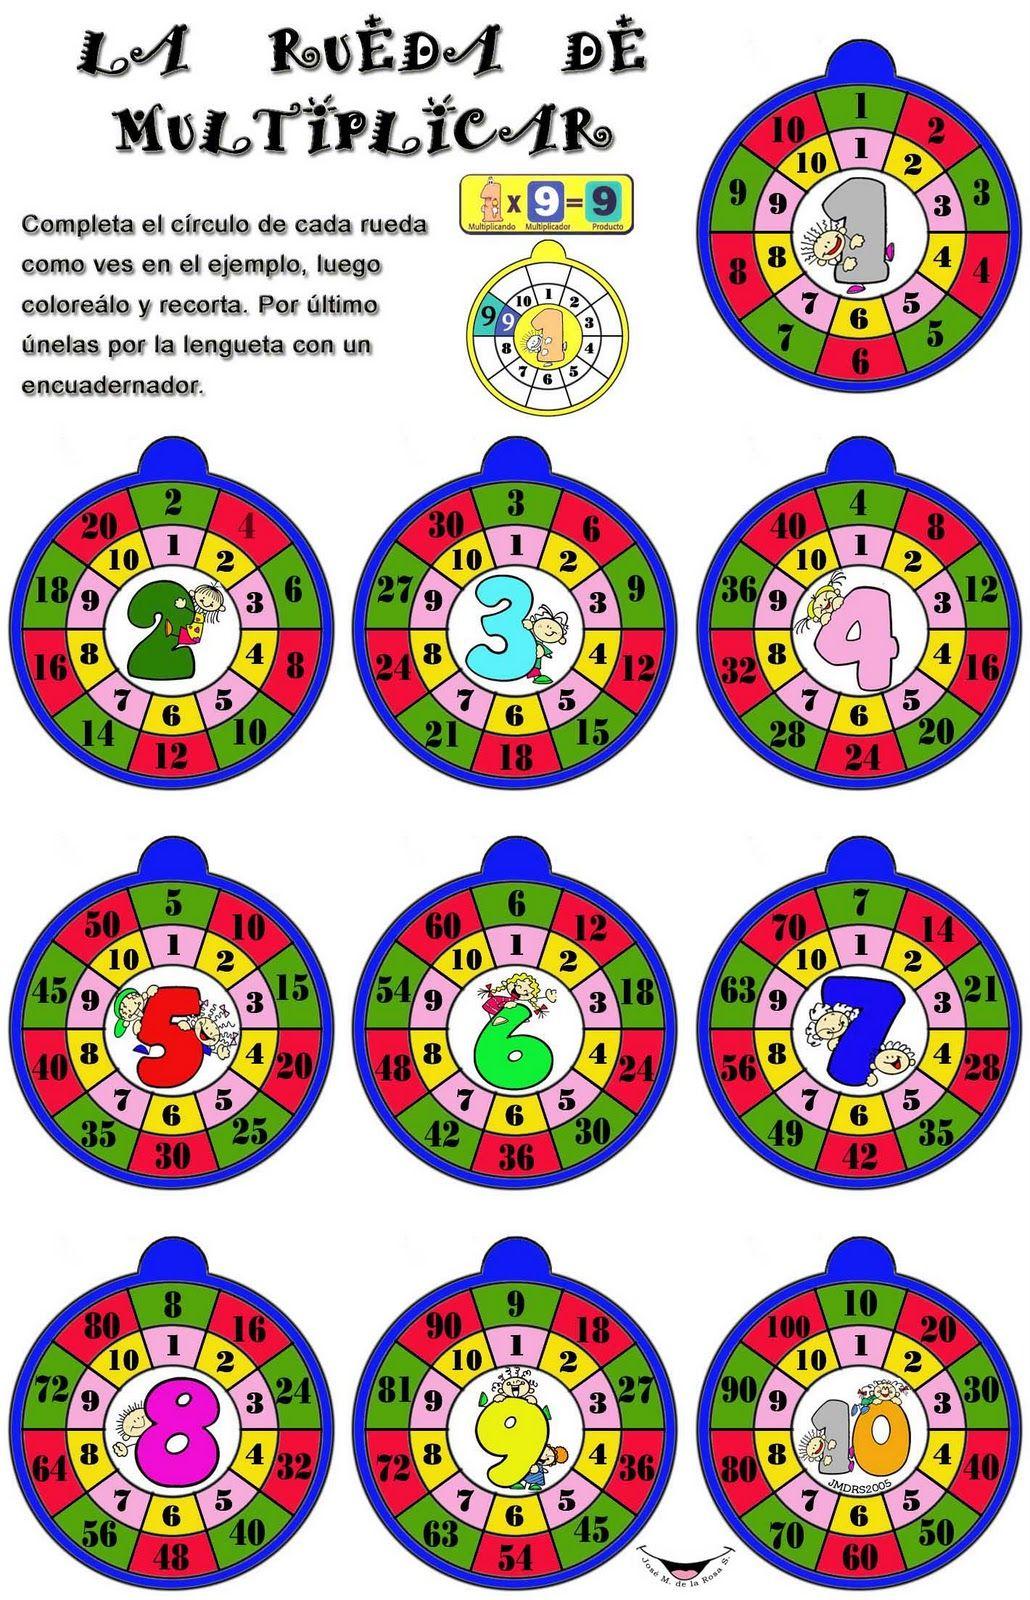 ruleta de multiplicar para niños